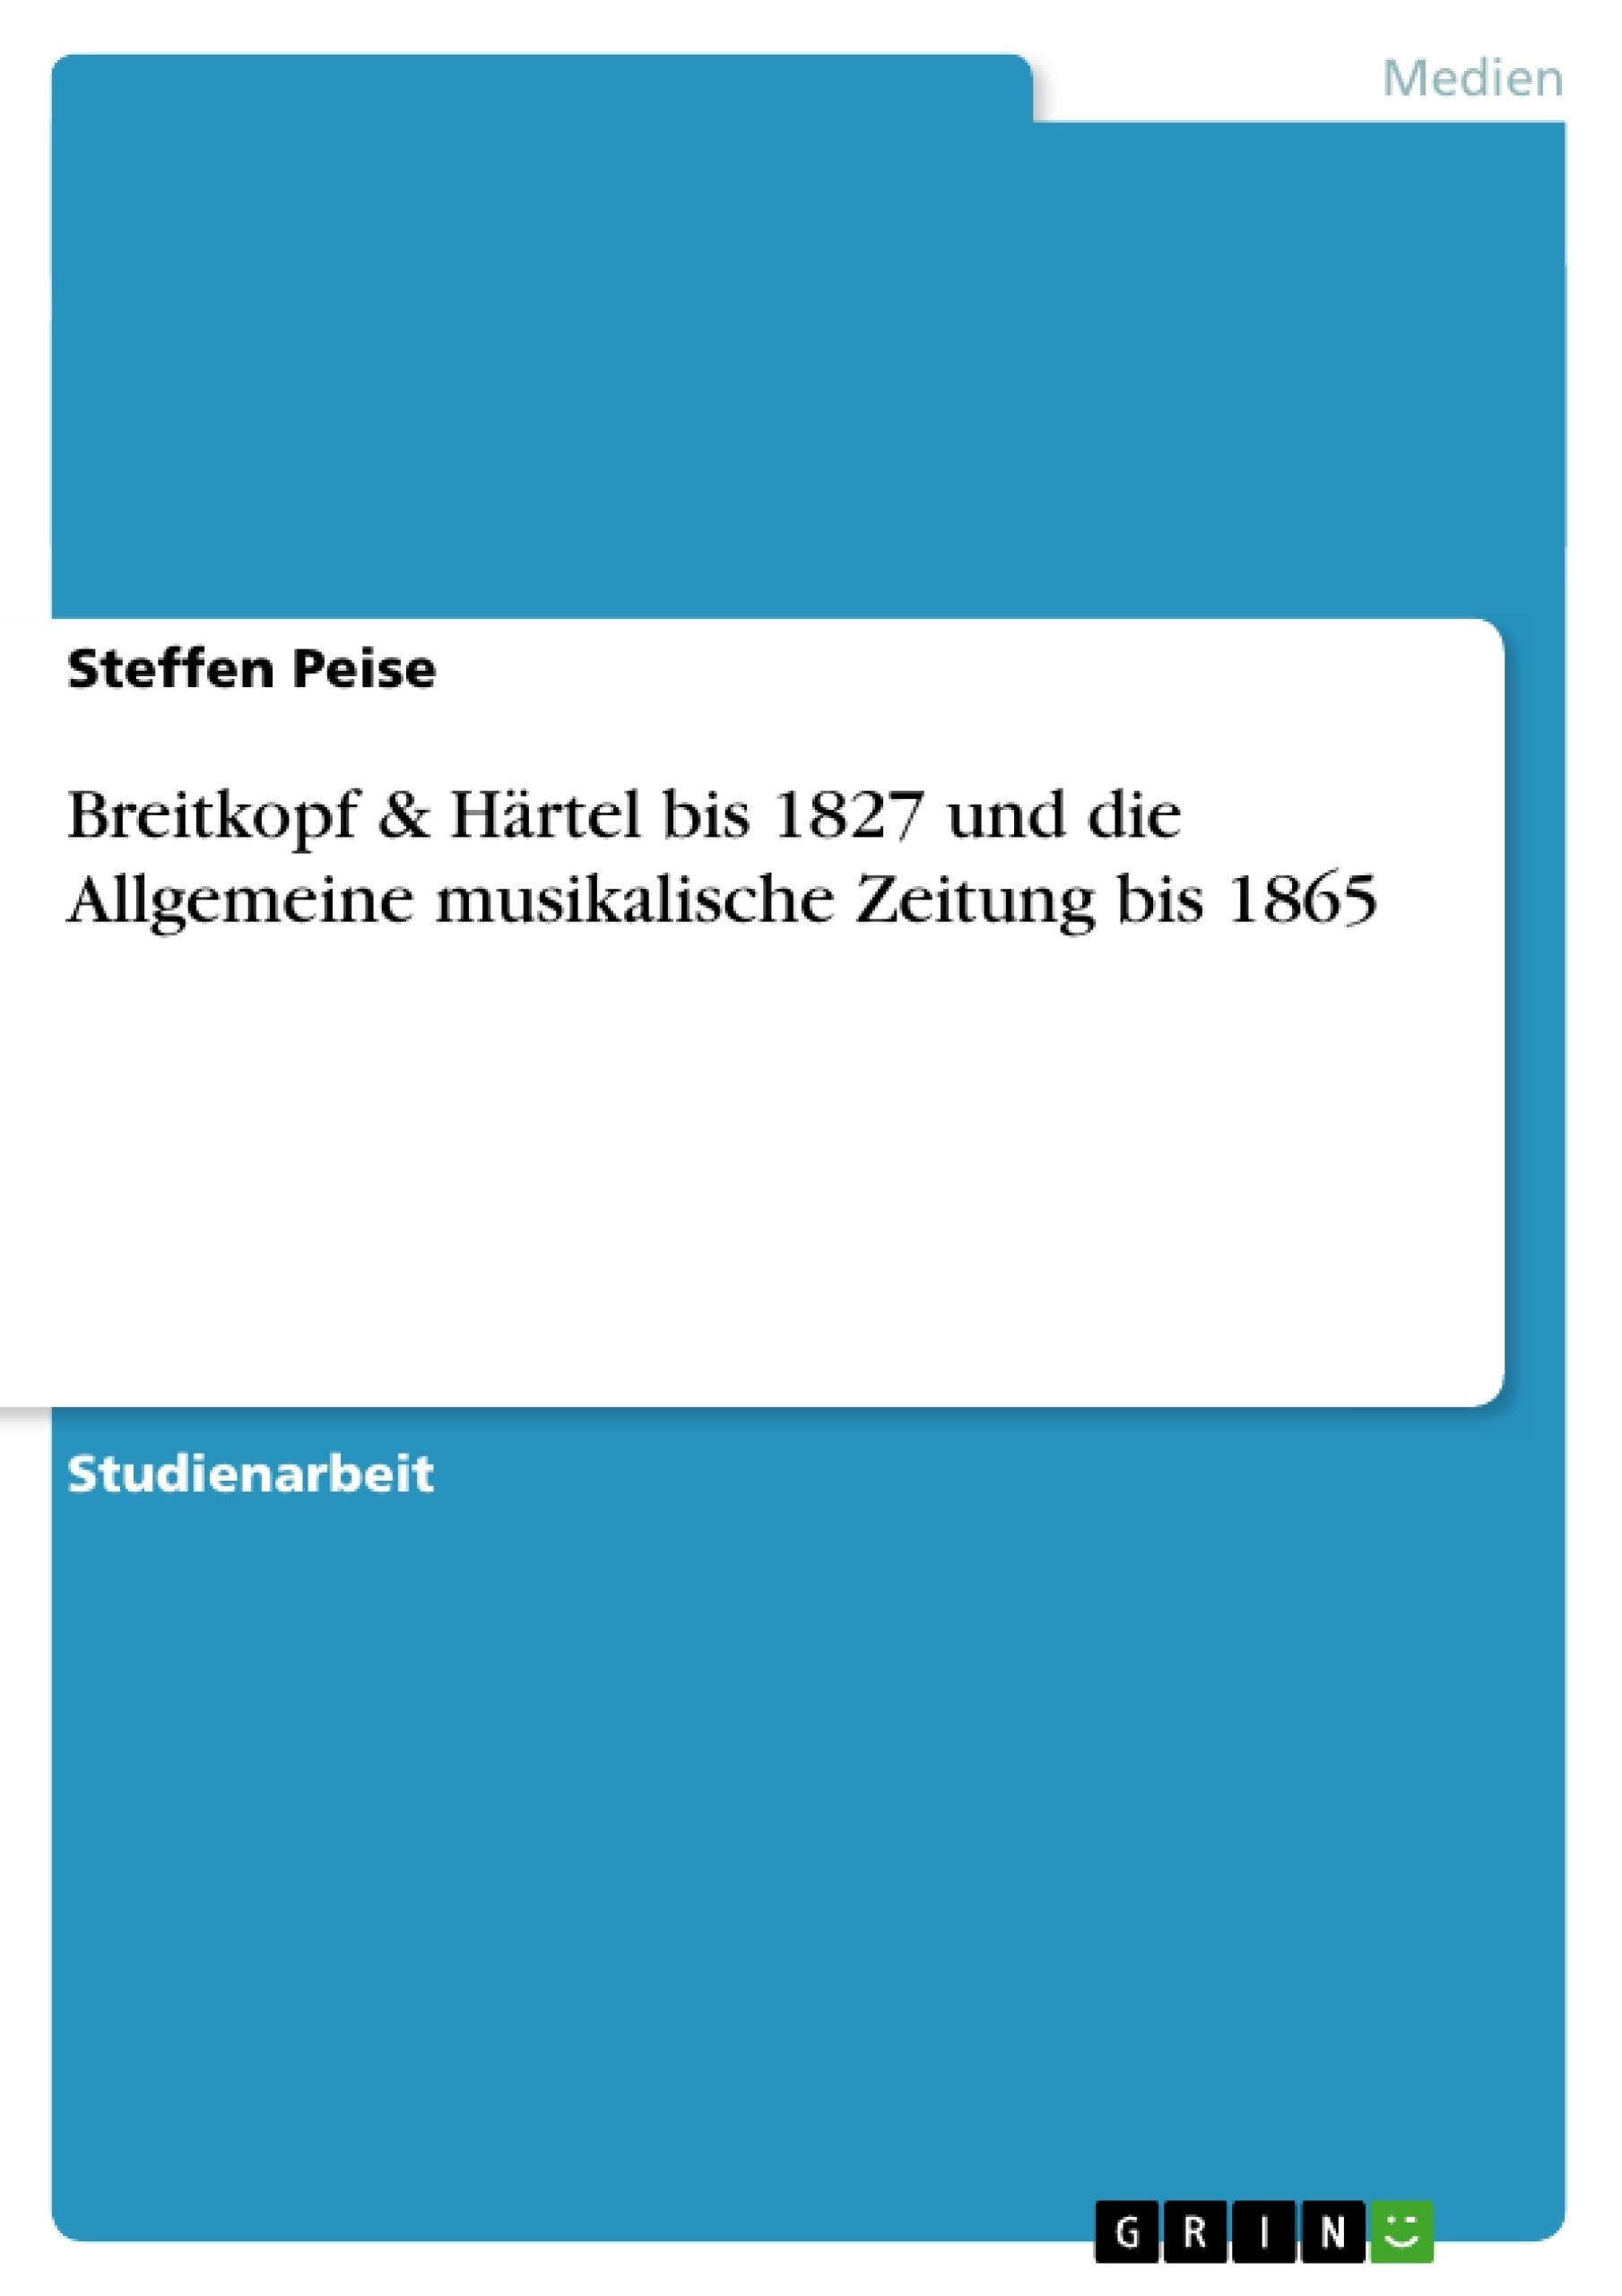 Titel: Breitkopf & Härtel bis 1827 und die Allgemeine musikalische Zeitung bis 1865